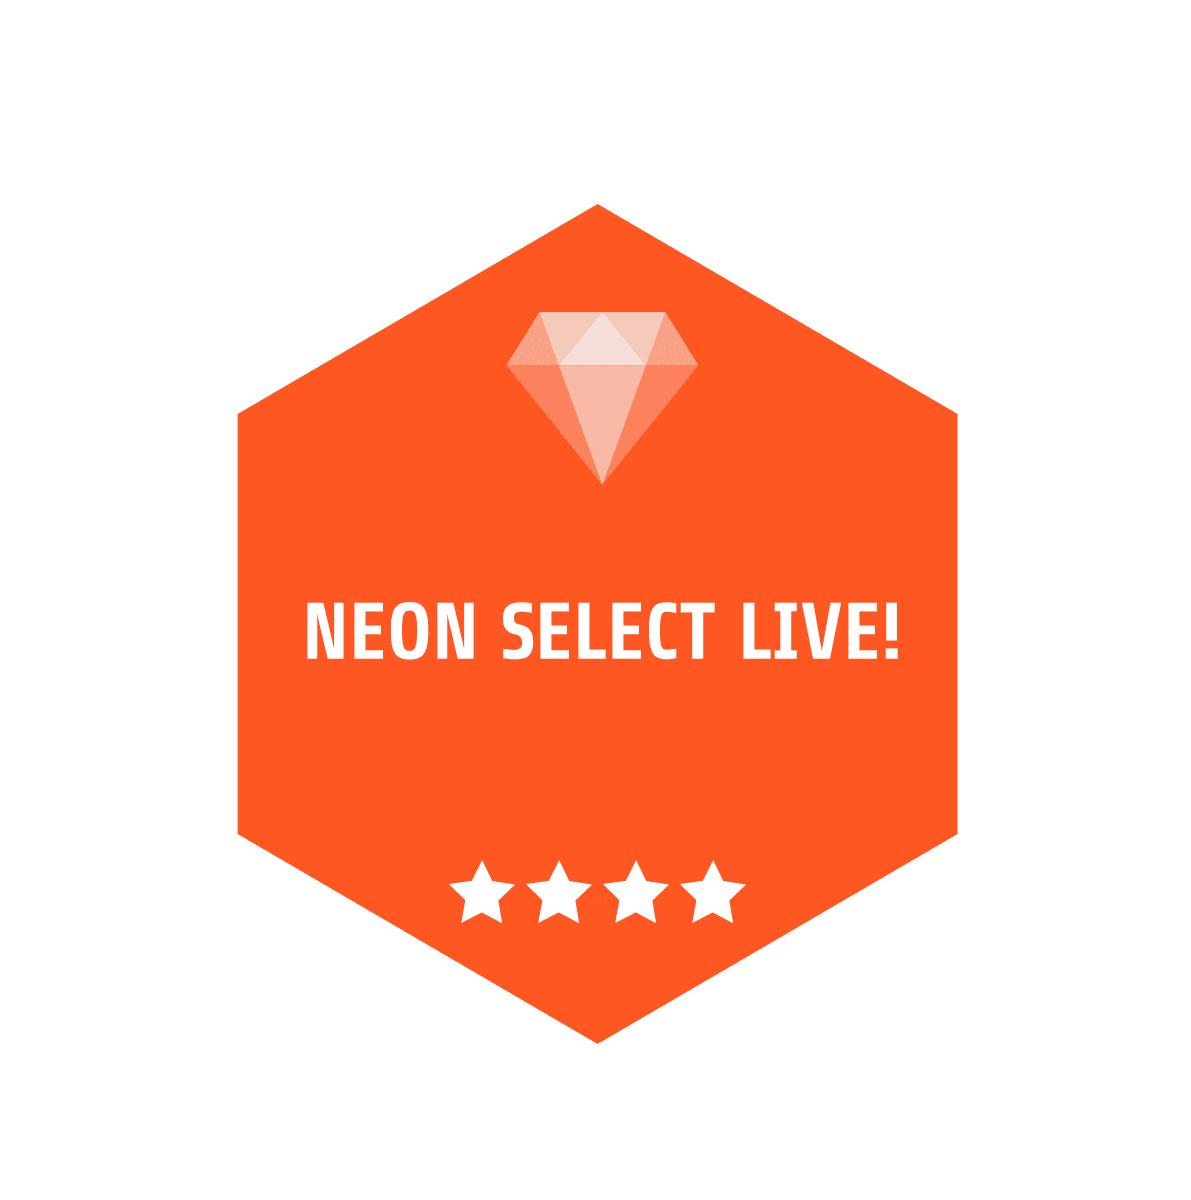 2018年10月14日(日)  『NEON SELECT LIVE!』